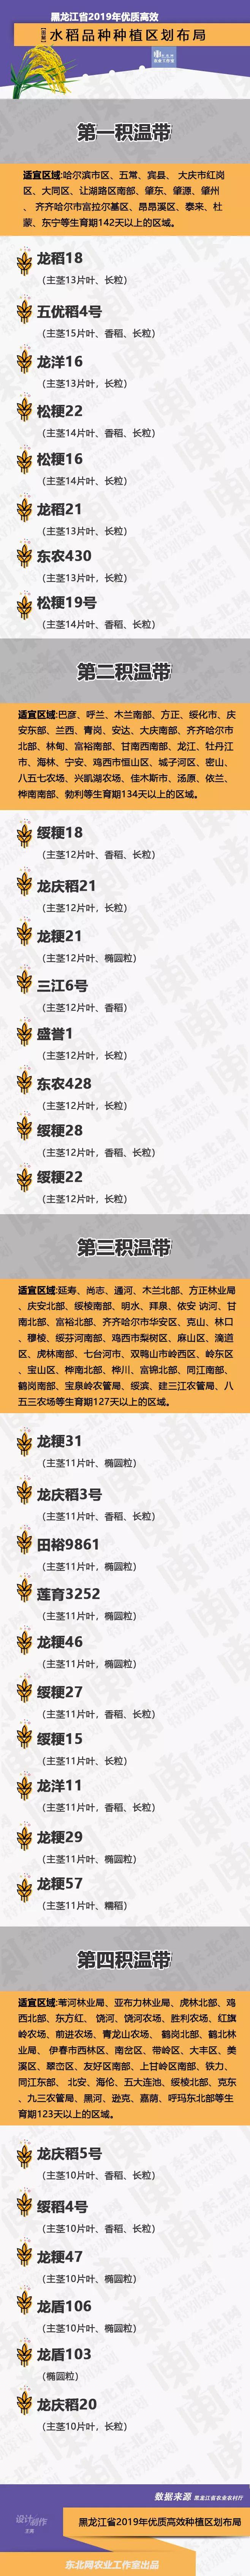 http://www.hljold.org.cn/heilongjianglvyou/72276.html